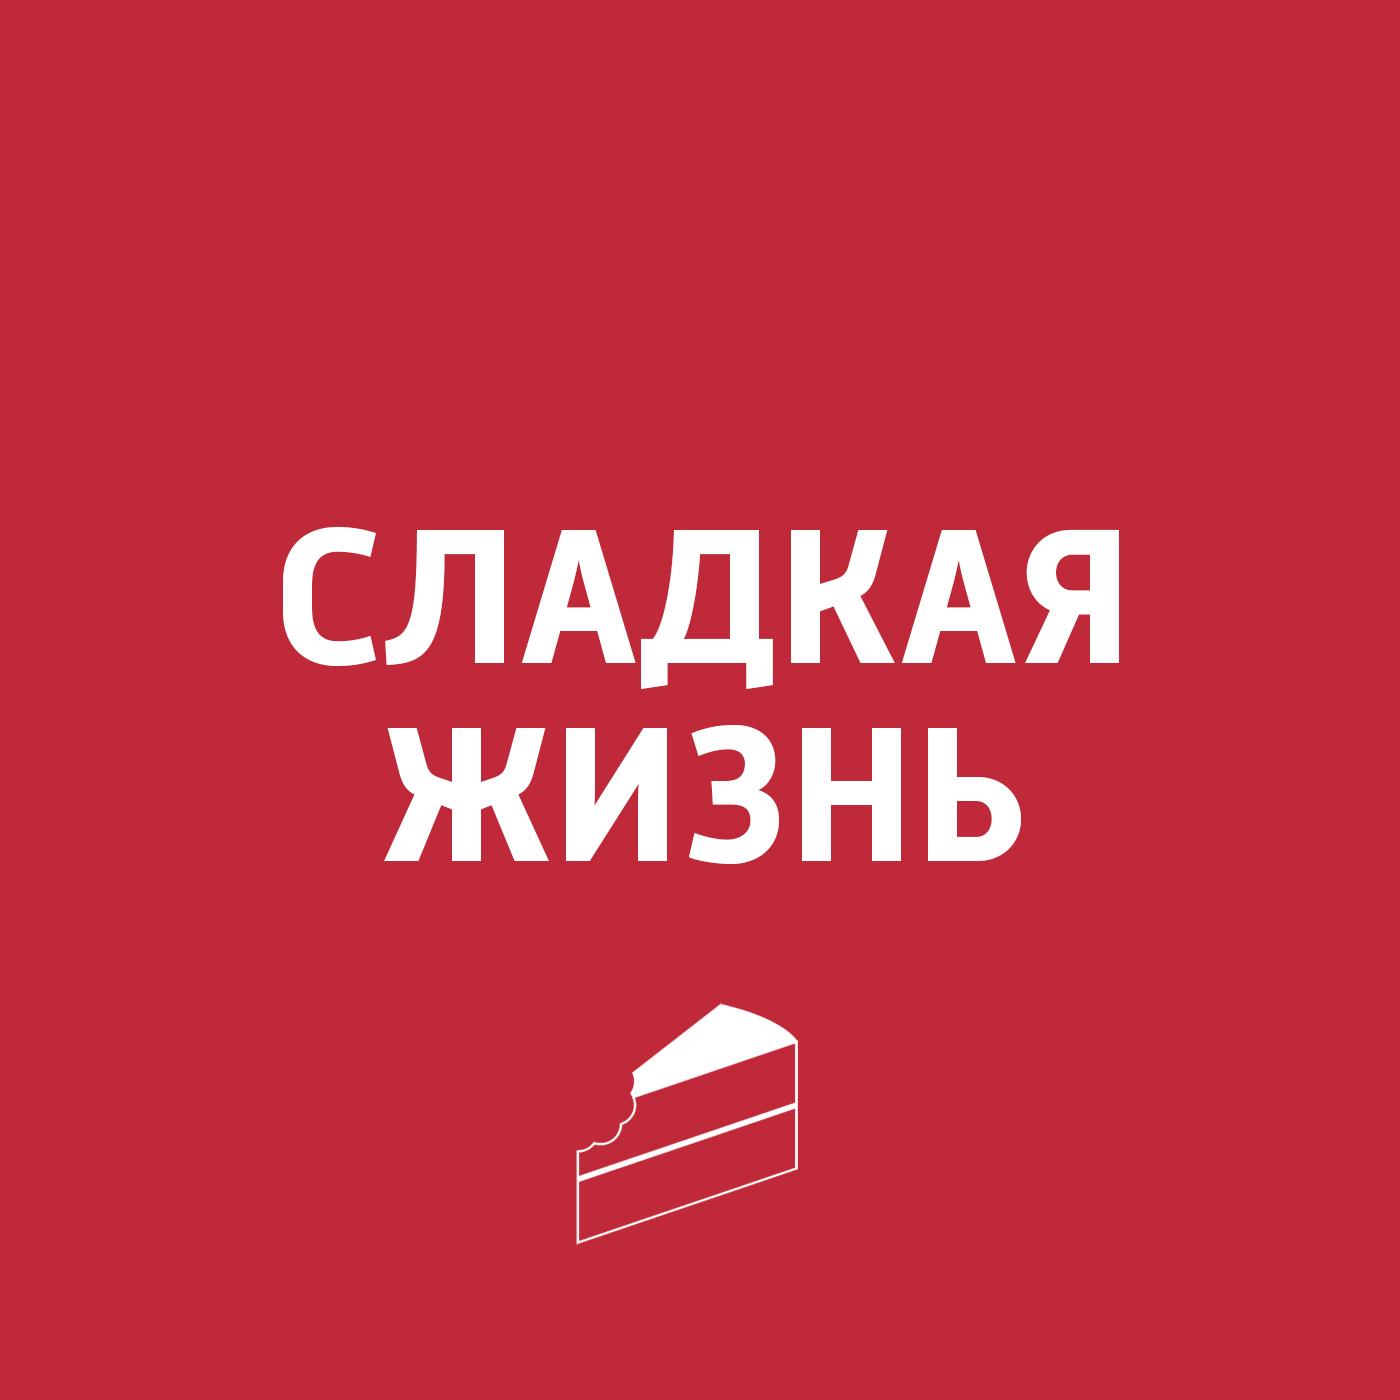 Фото - Картаев Павел Чуррос картаев павел выставка ifa 2018 каких новинок ждать